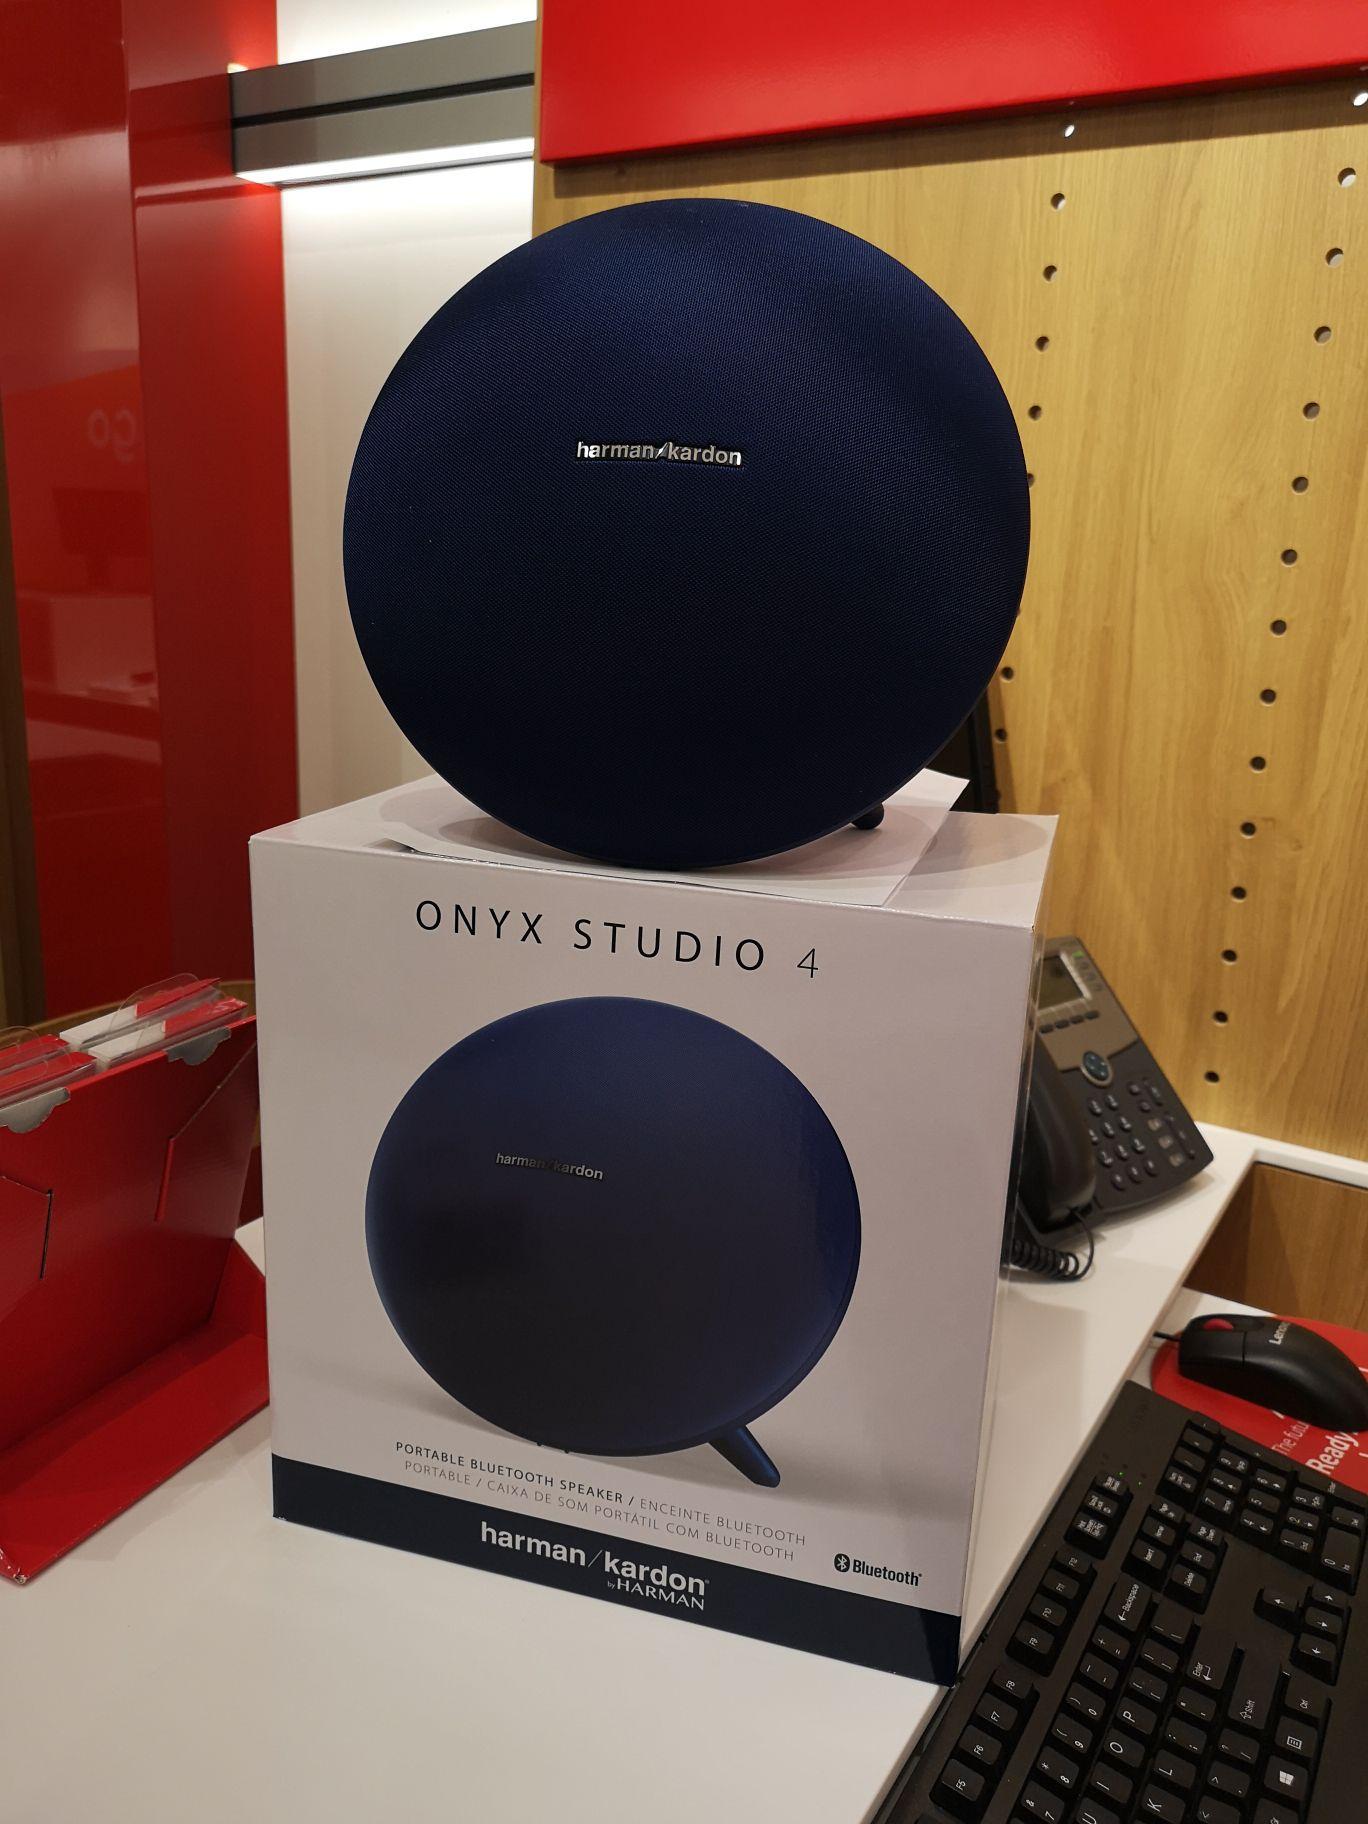 Harman/Kardon Onyx Studio 4 @ Vodafone winkel in Zwolle